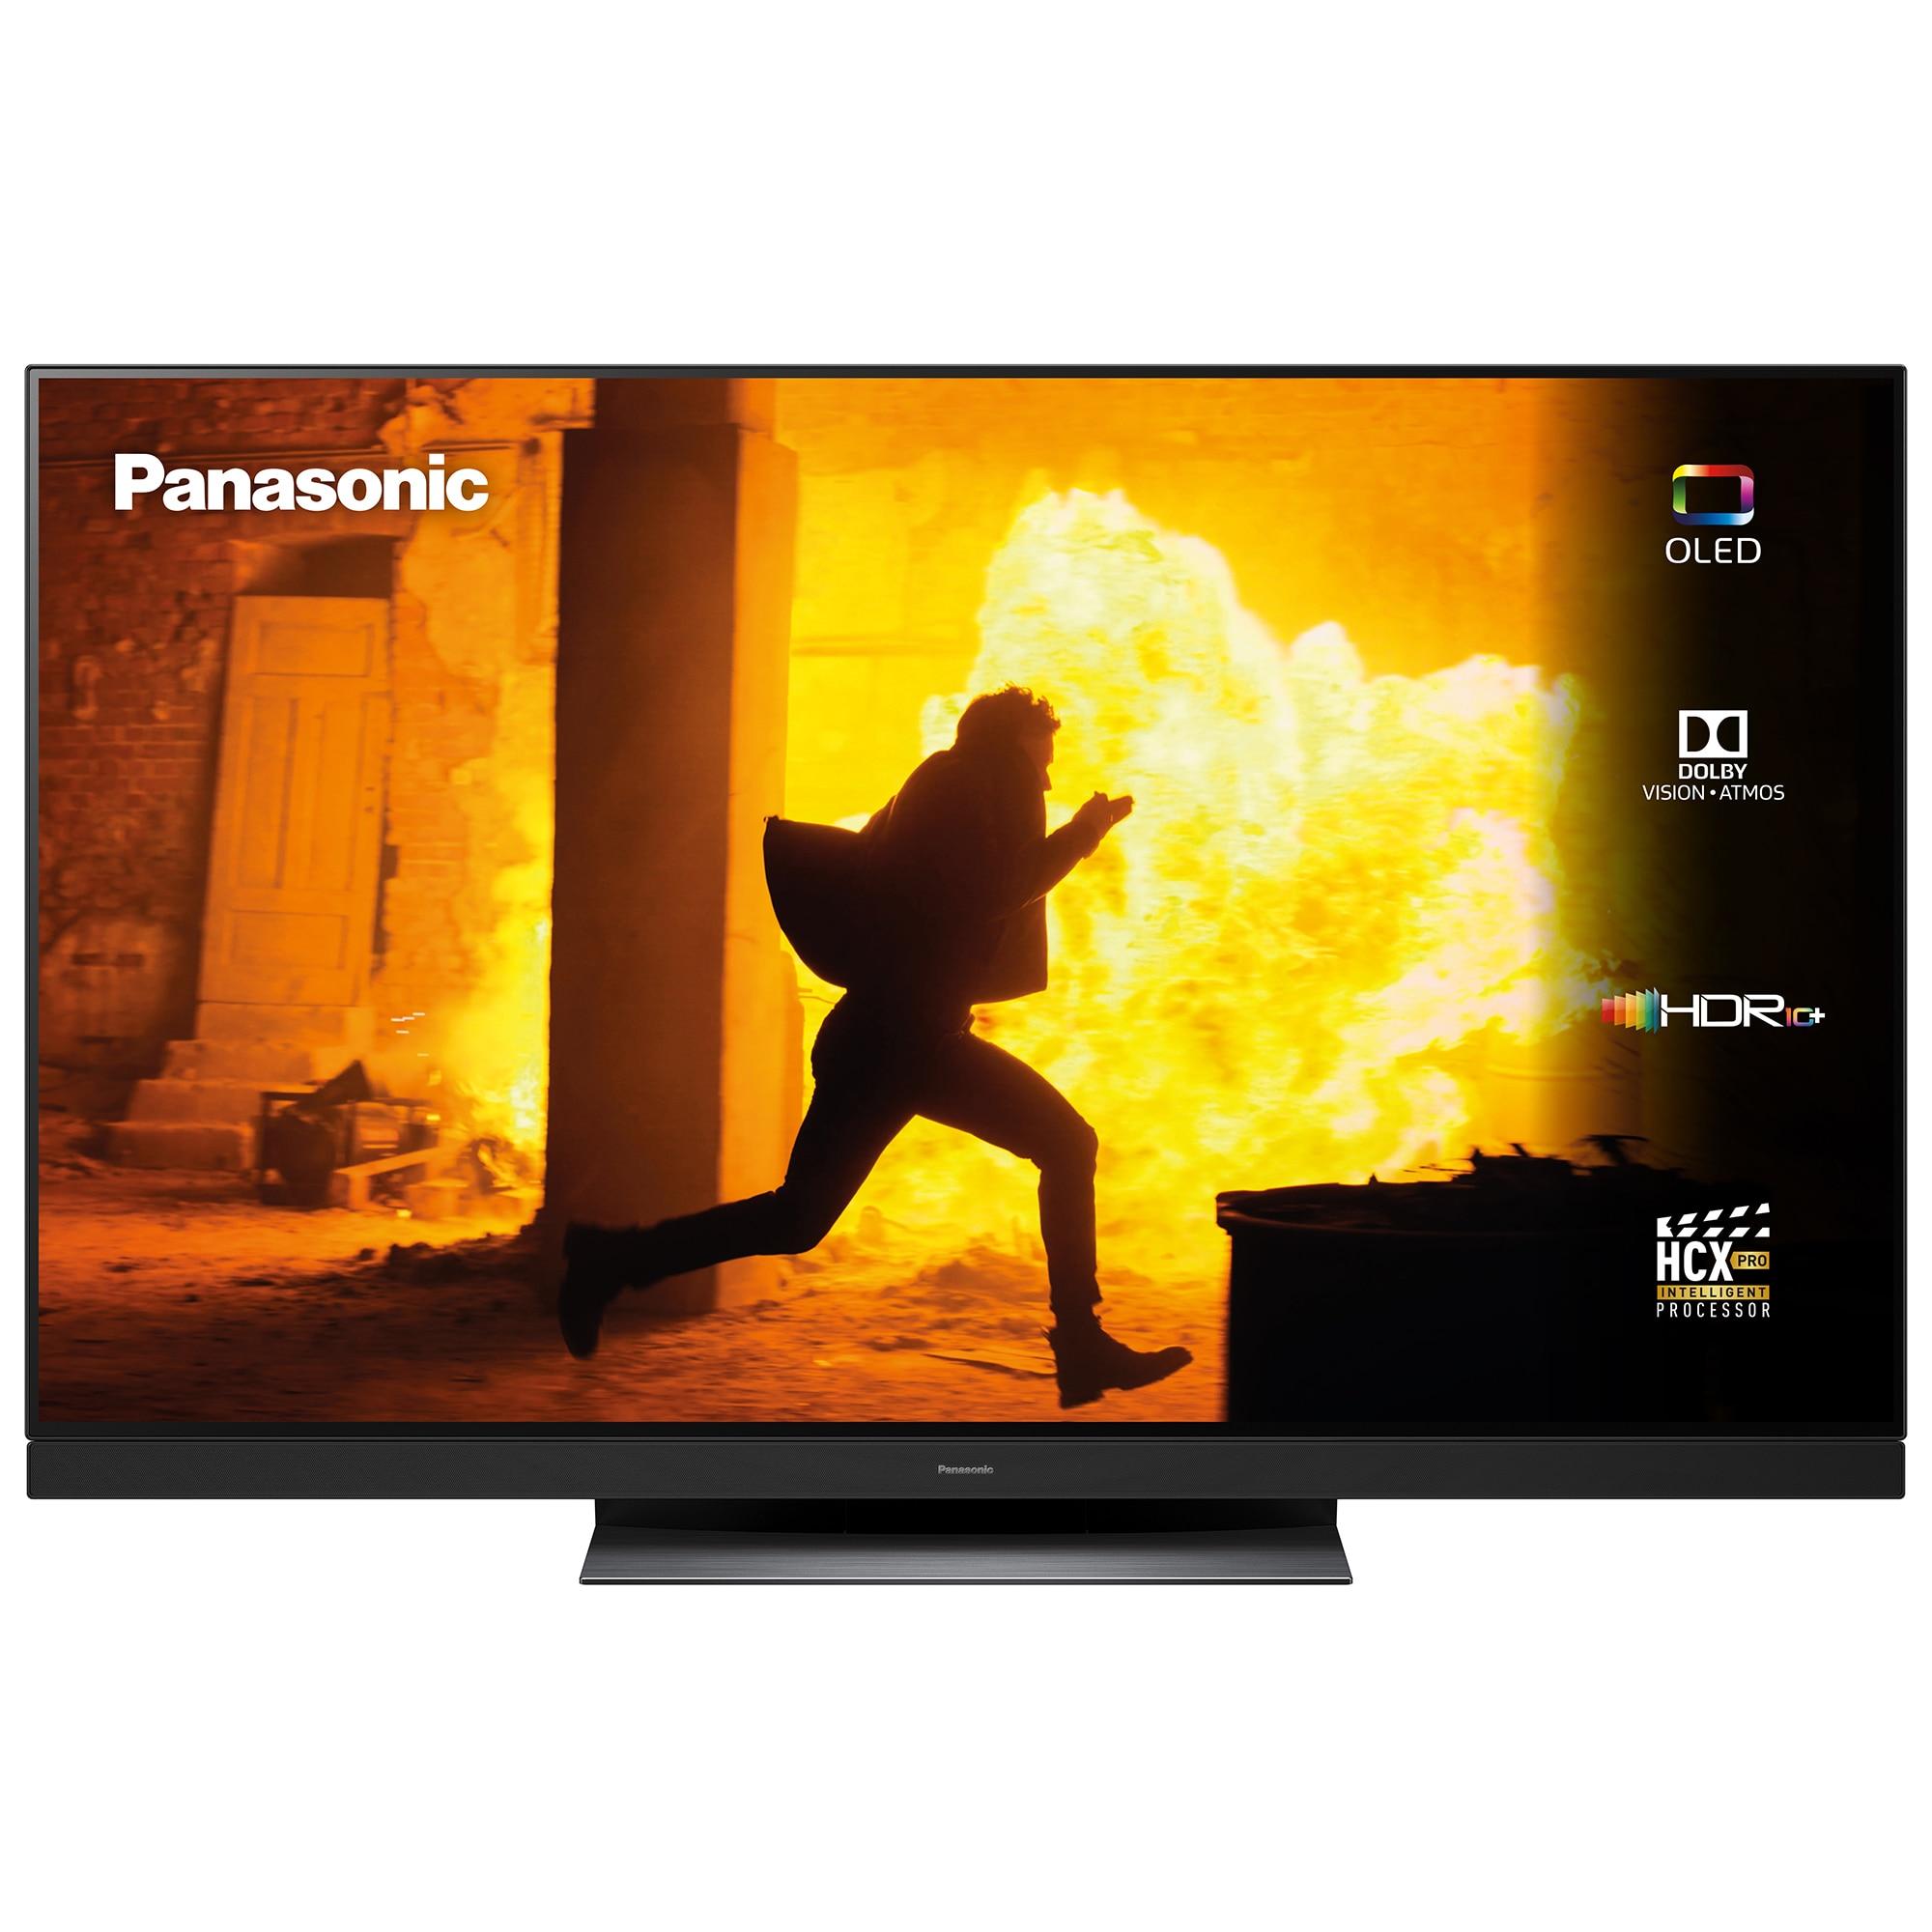 Fotografie Televizor OLED Smart Panasonic, 165 cm, TX-65GZ1500E, 4K Ultra HD